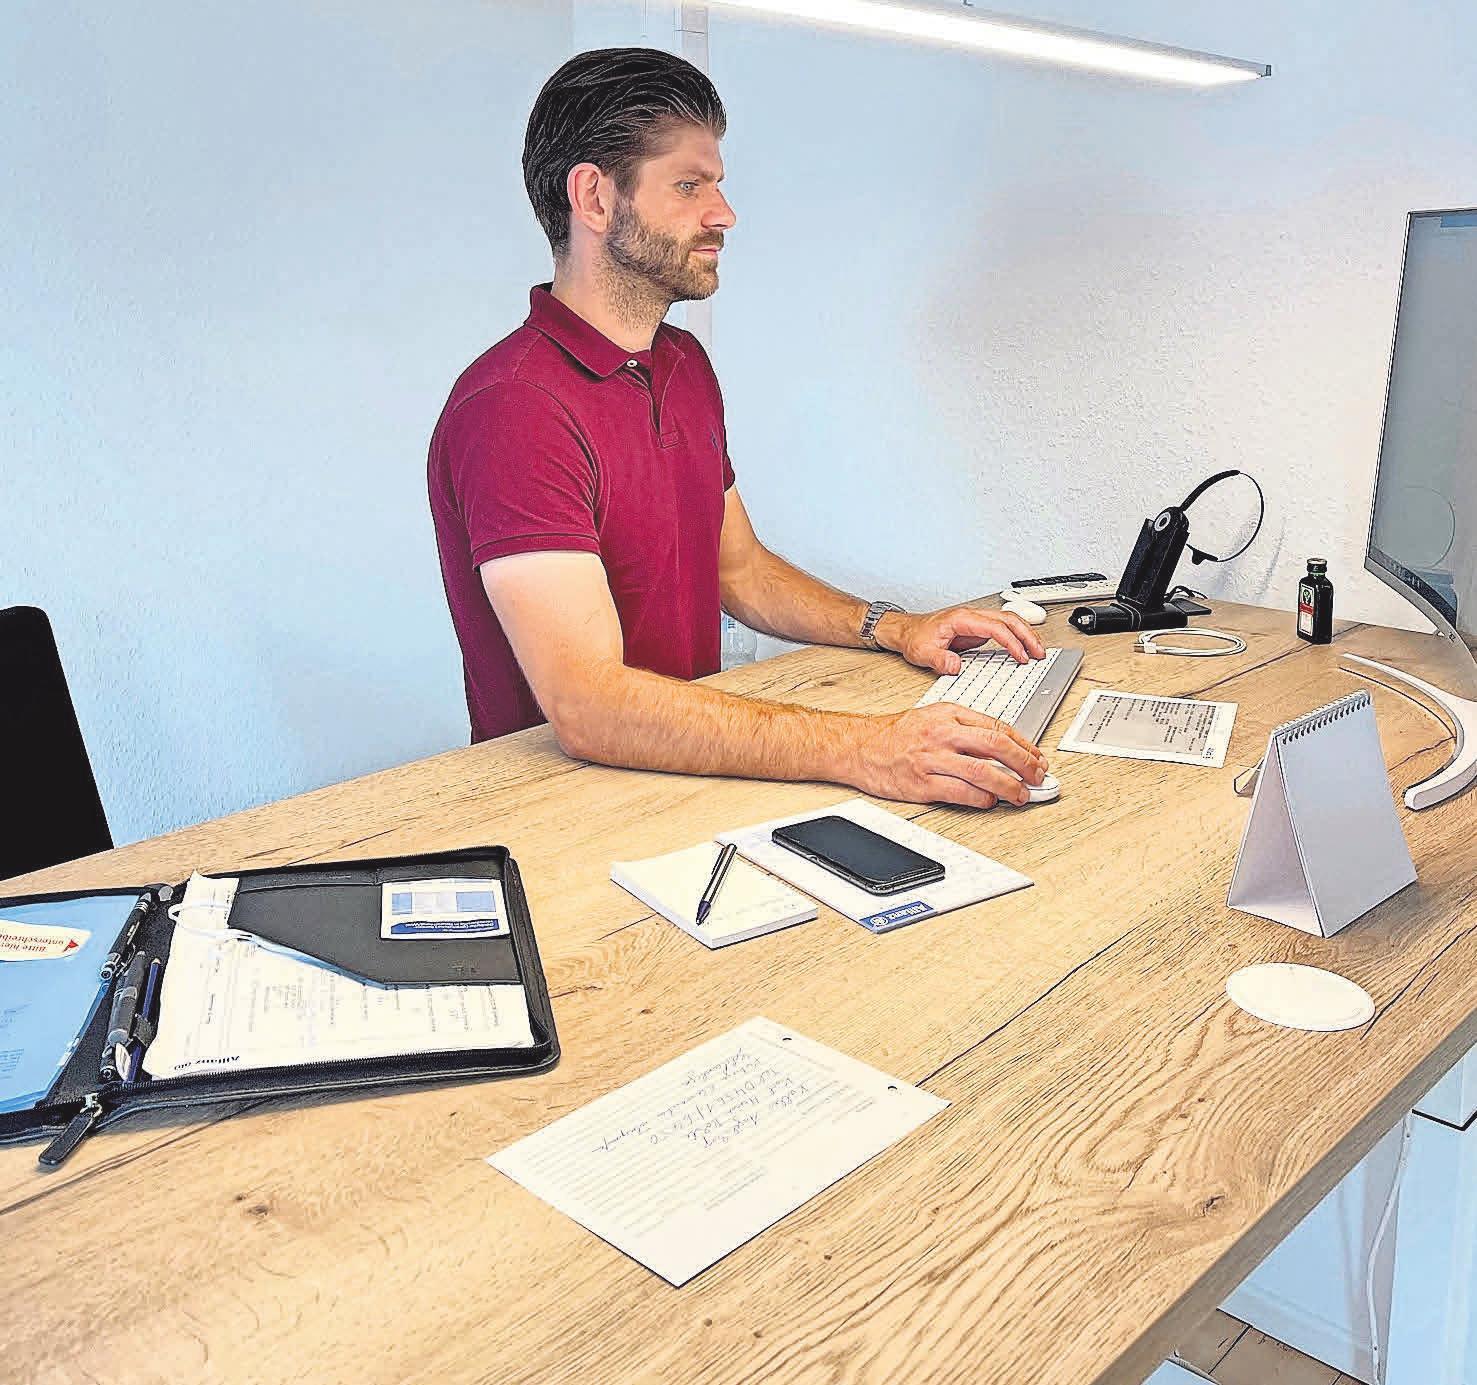 Tim Barez, der nach einem dualen Studium nach Oldenburg zurückkehrte, arbeitet gerne mal im Stehen